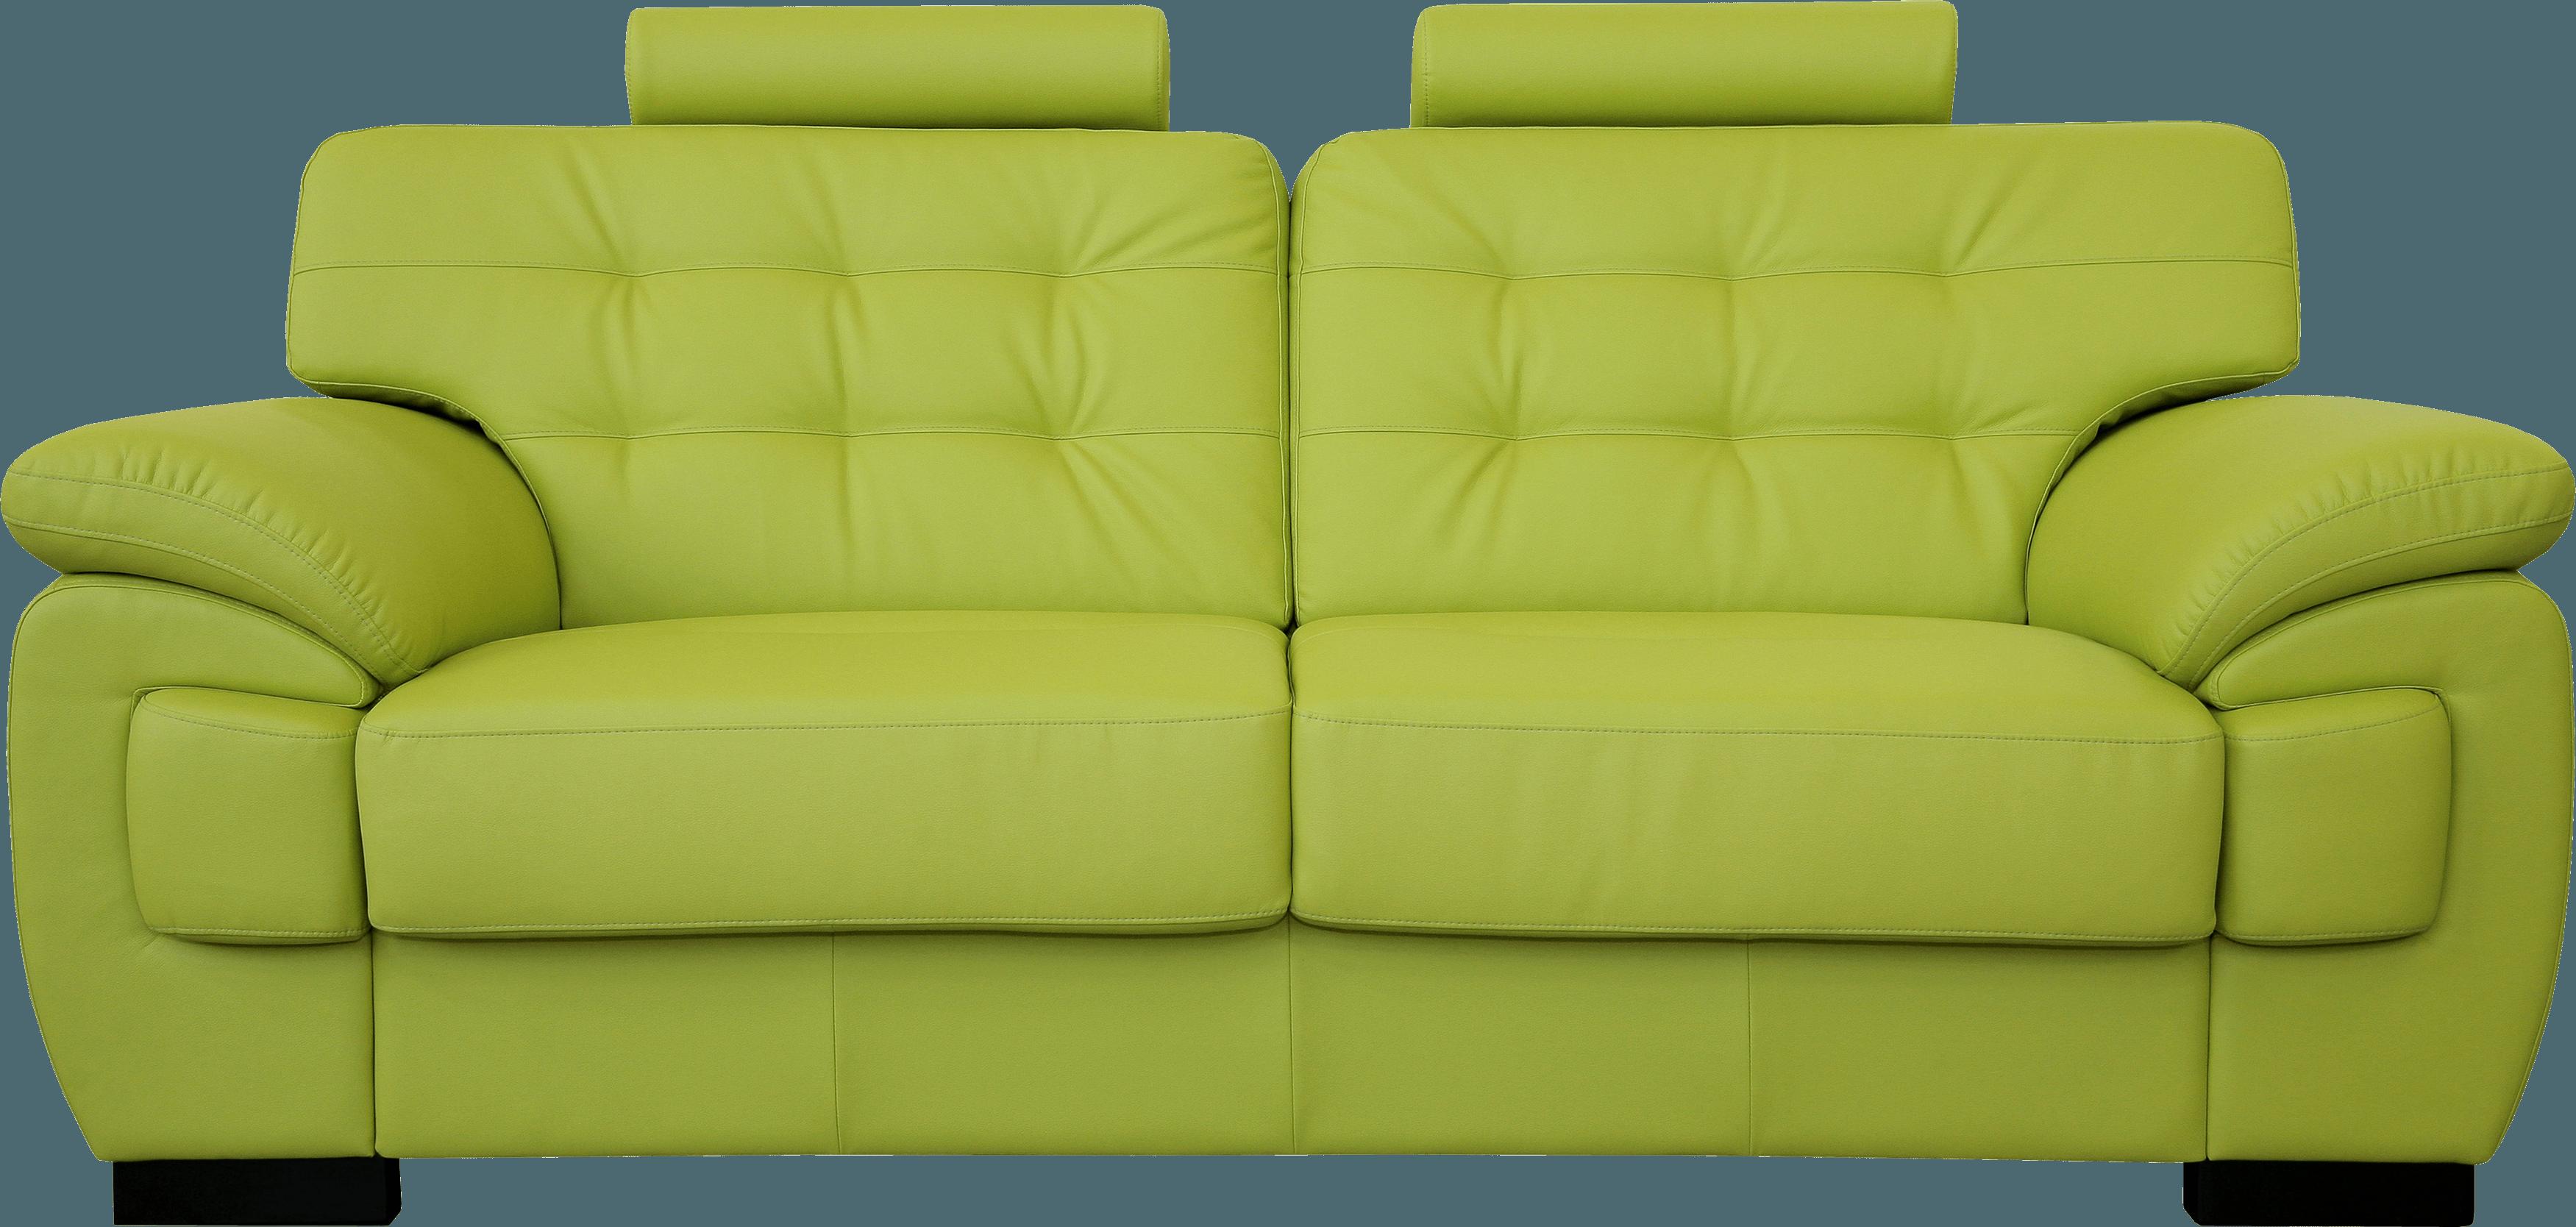 Download Green Sofa Png Image HQ PNG Image | FreePNGImg